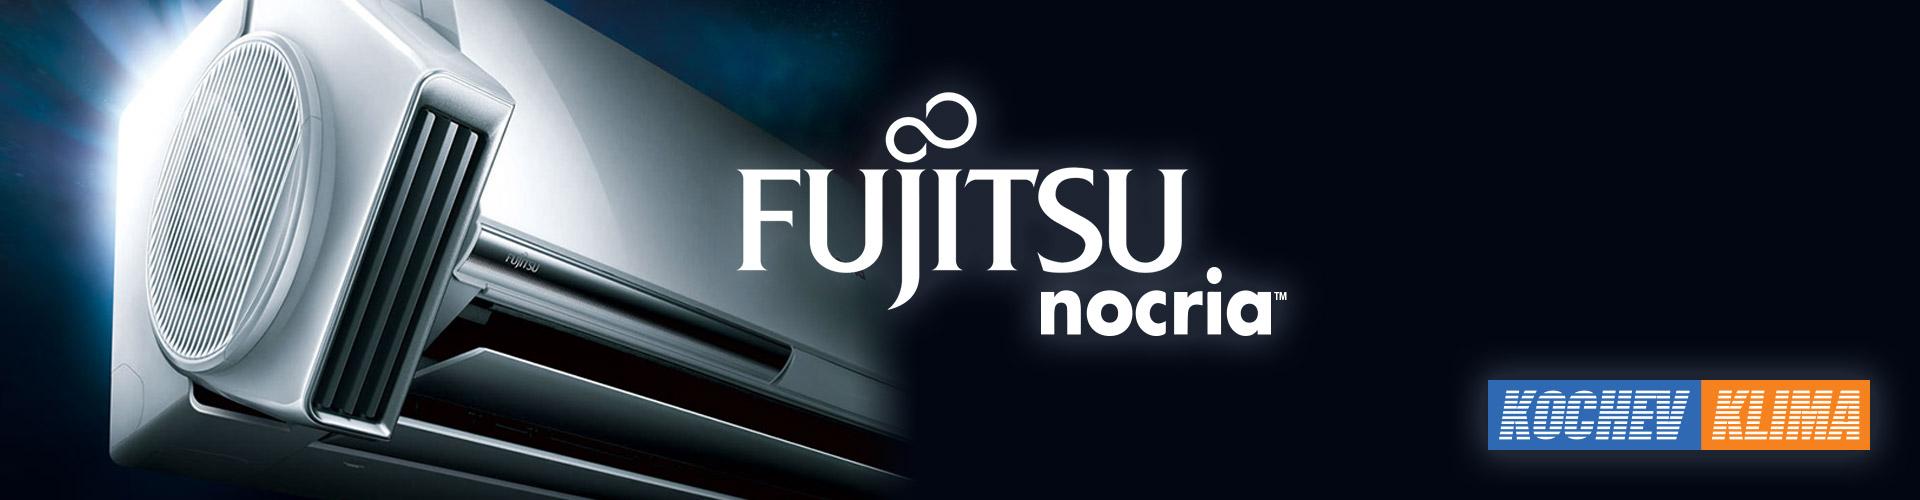 Kochev-Klima-Fujitsu-Slider-1920x500px-2.jpg